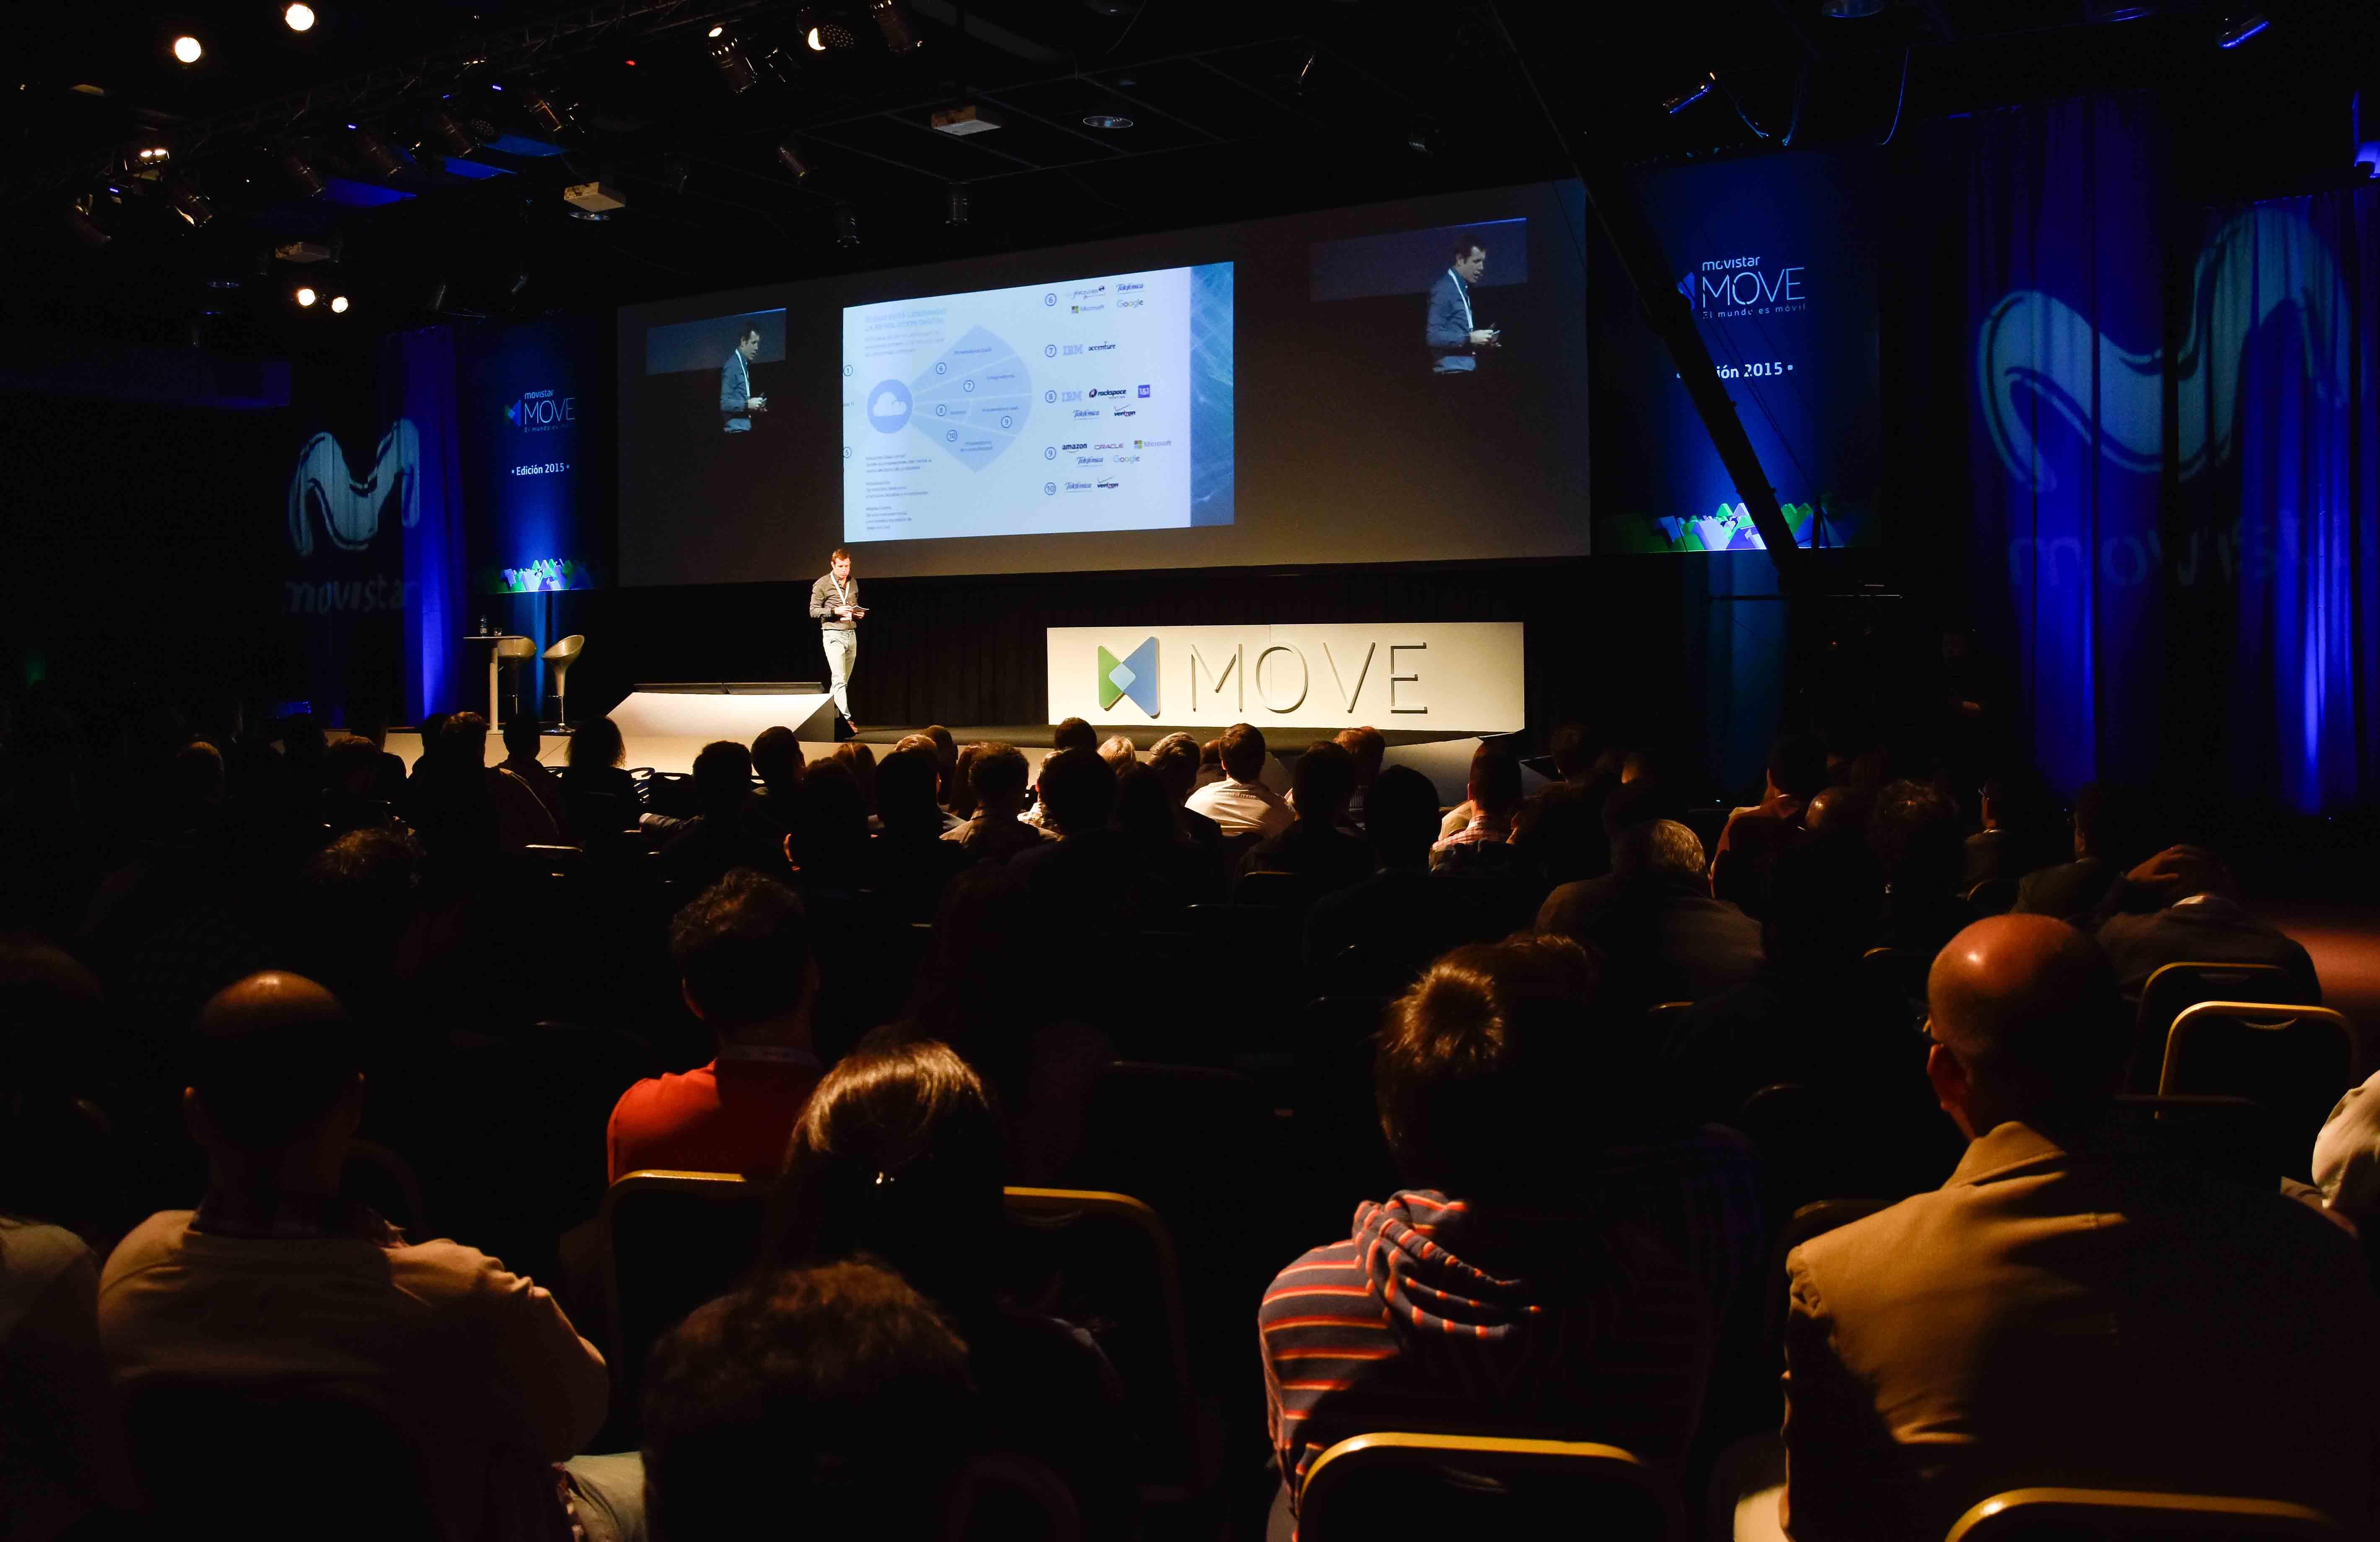 ponencia-ako-pavia-move-2015-acens-blog-cloud